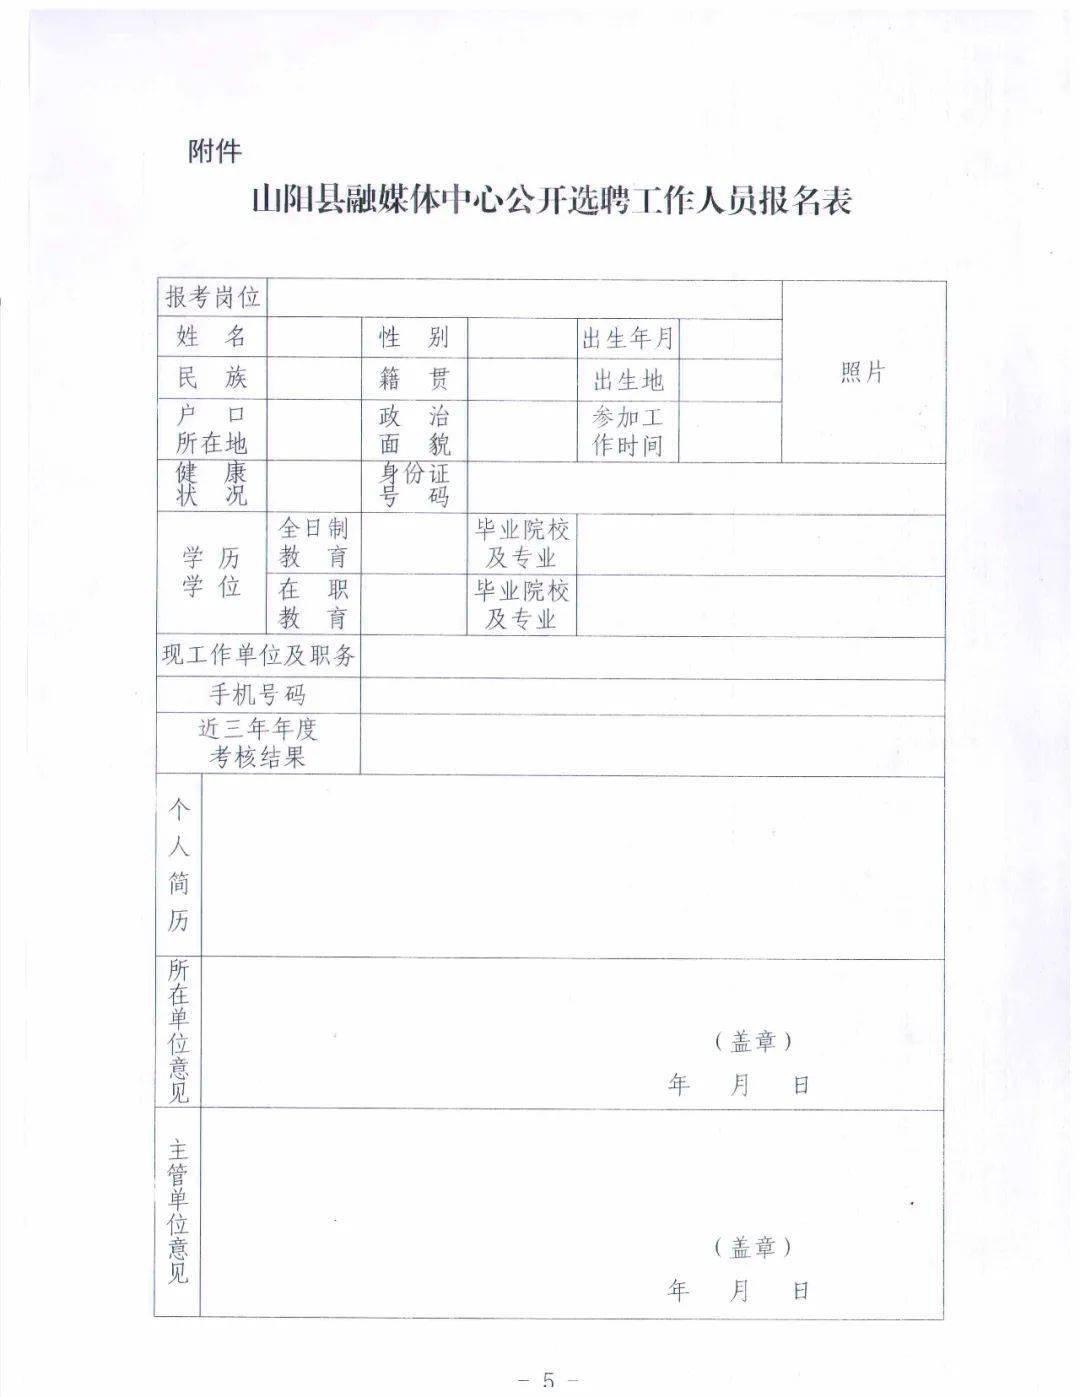 山阳县融媒体中心公开选聘7名工作人员公告